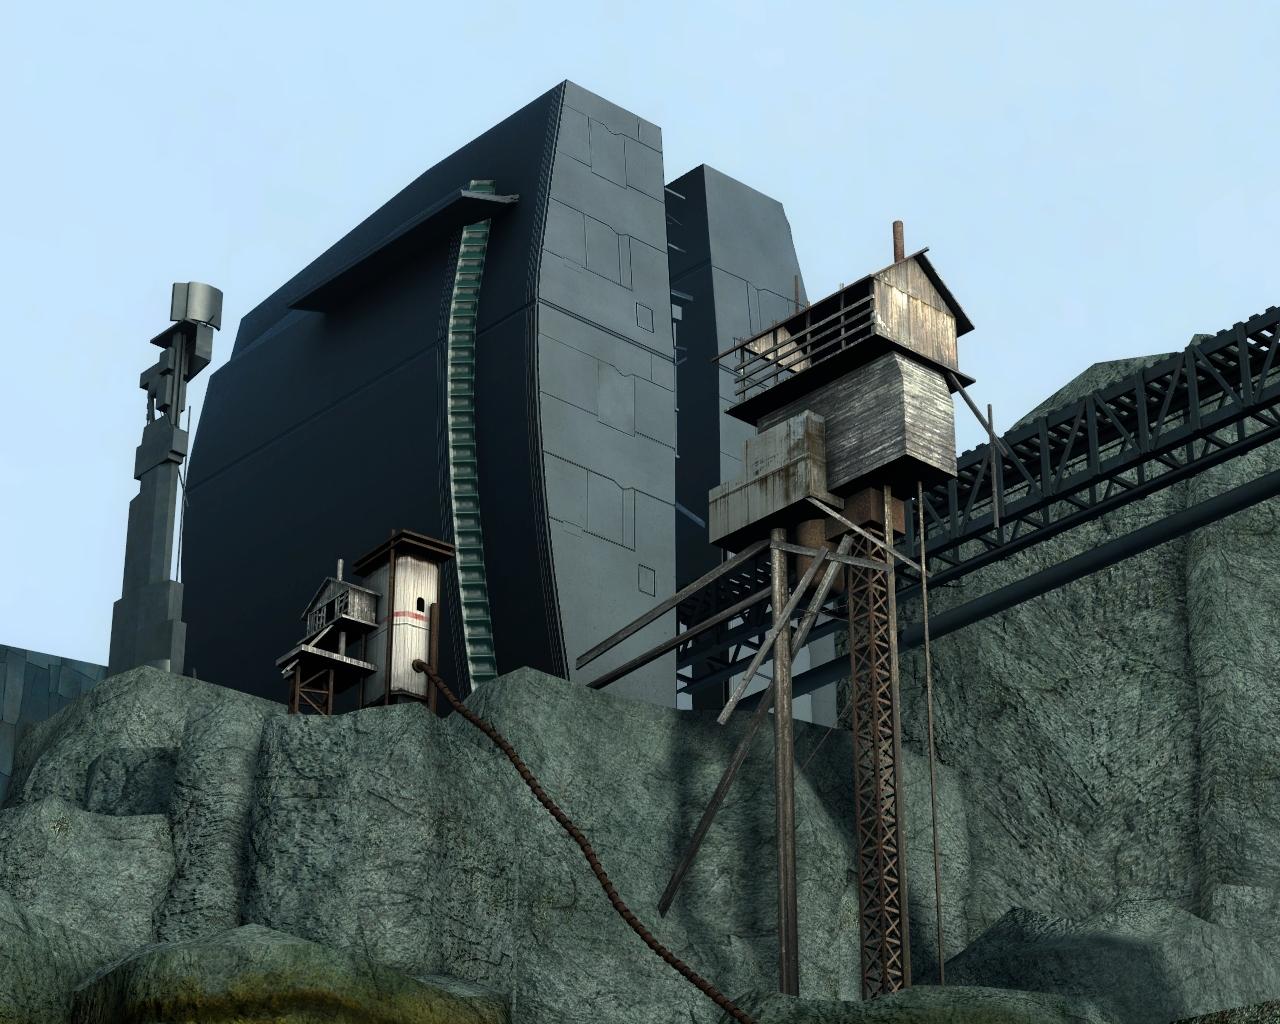 depot_010031.jpg - Half-Life 2 Depot